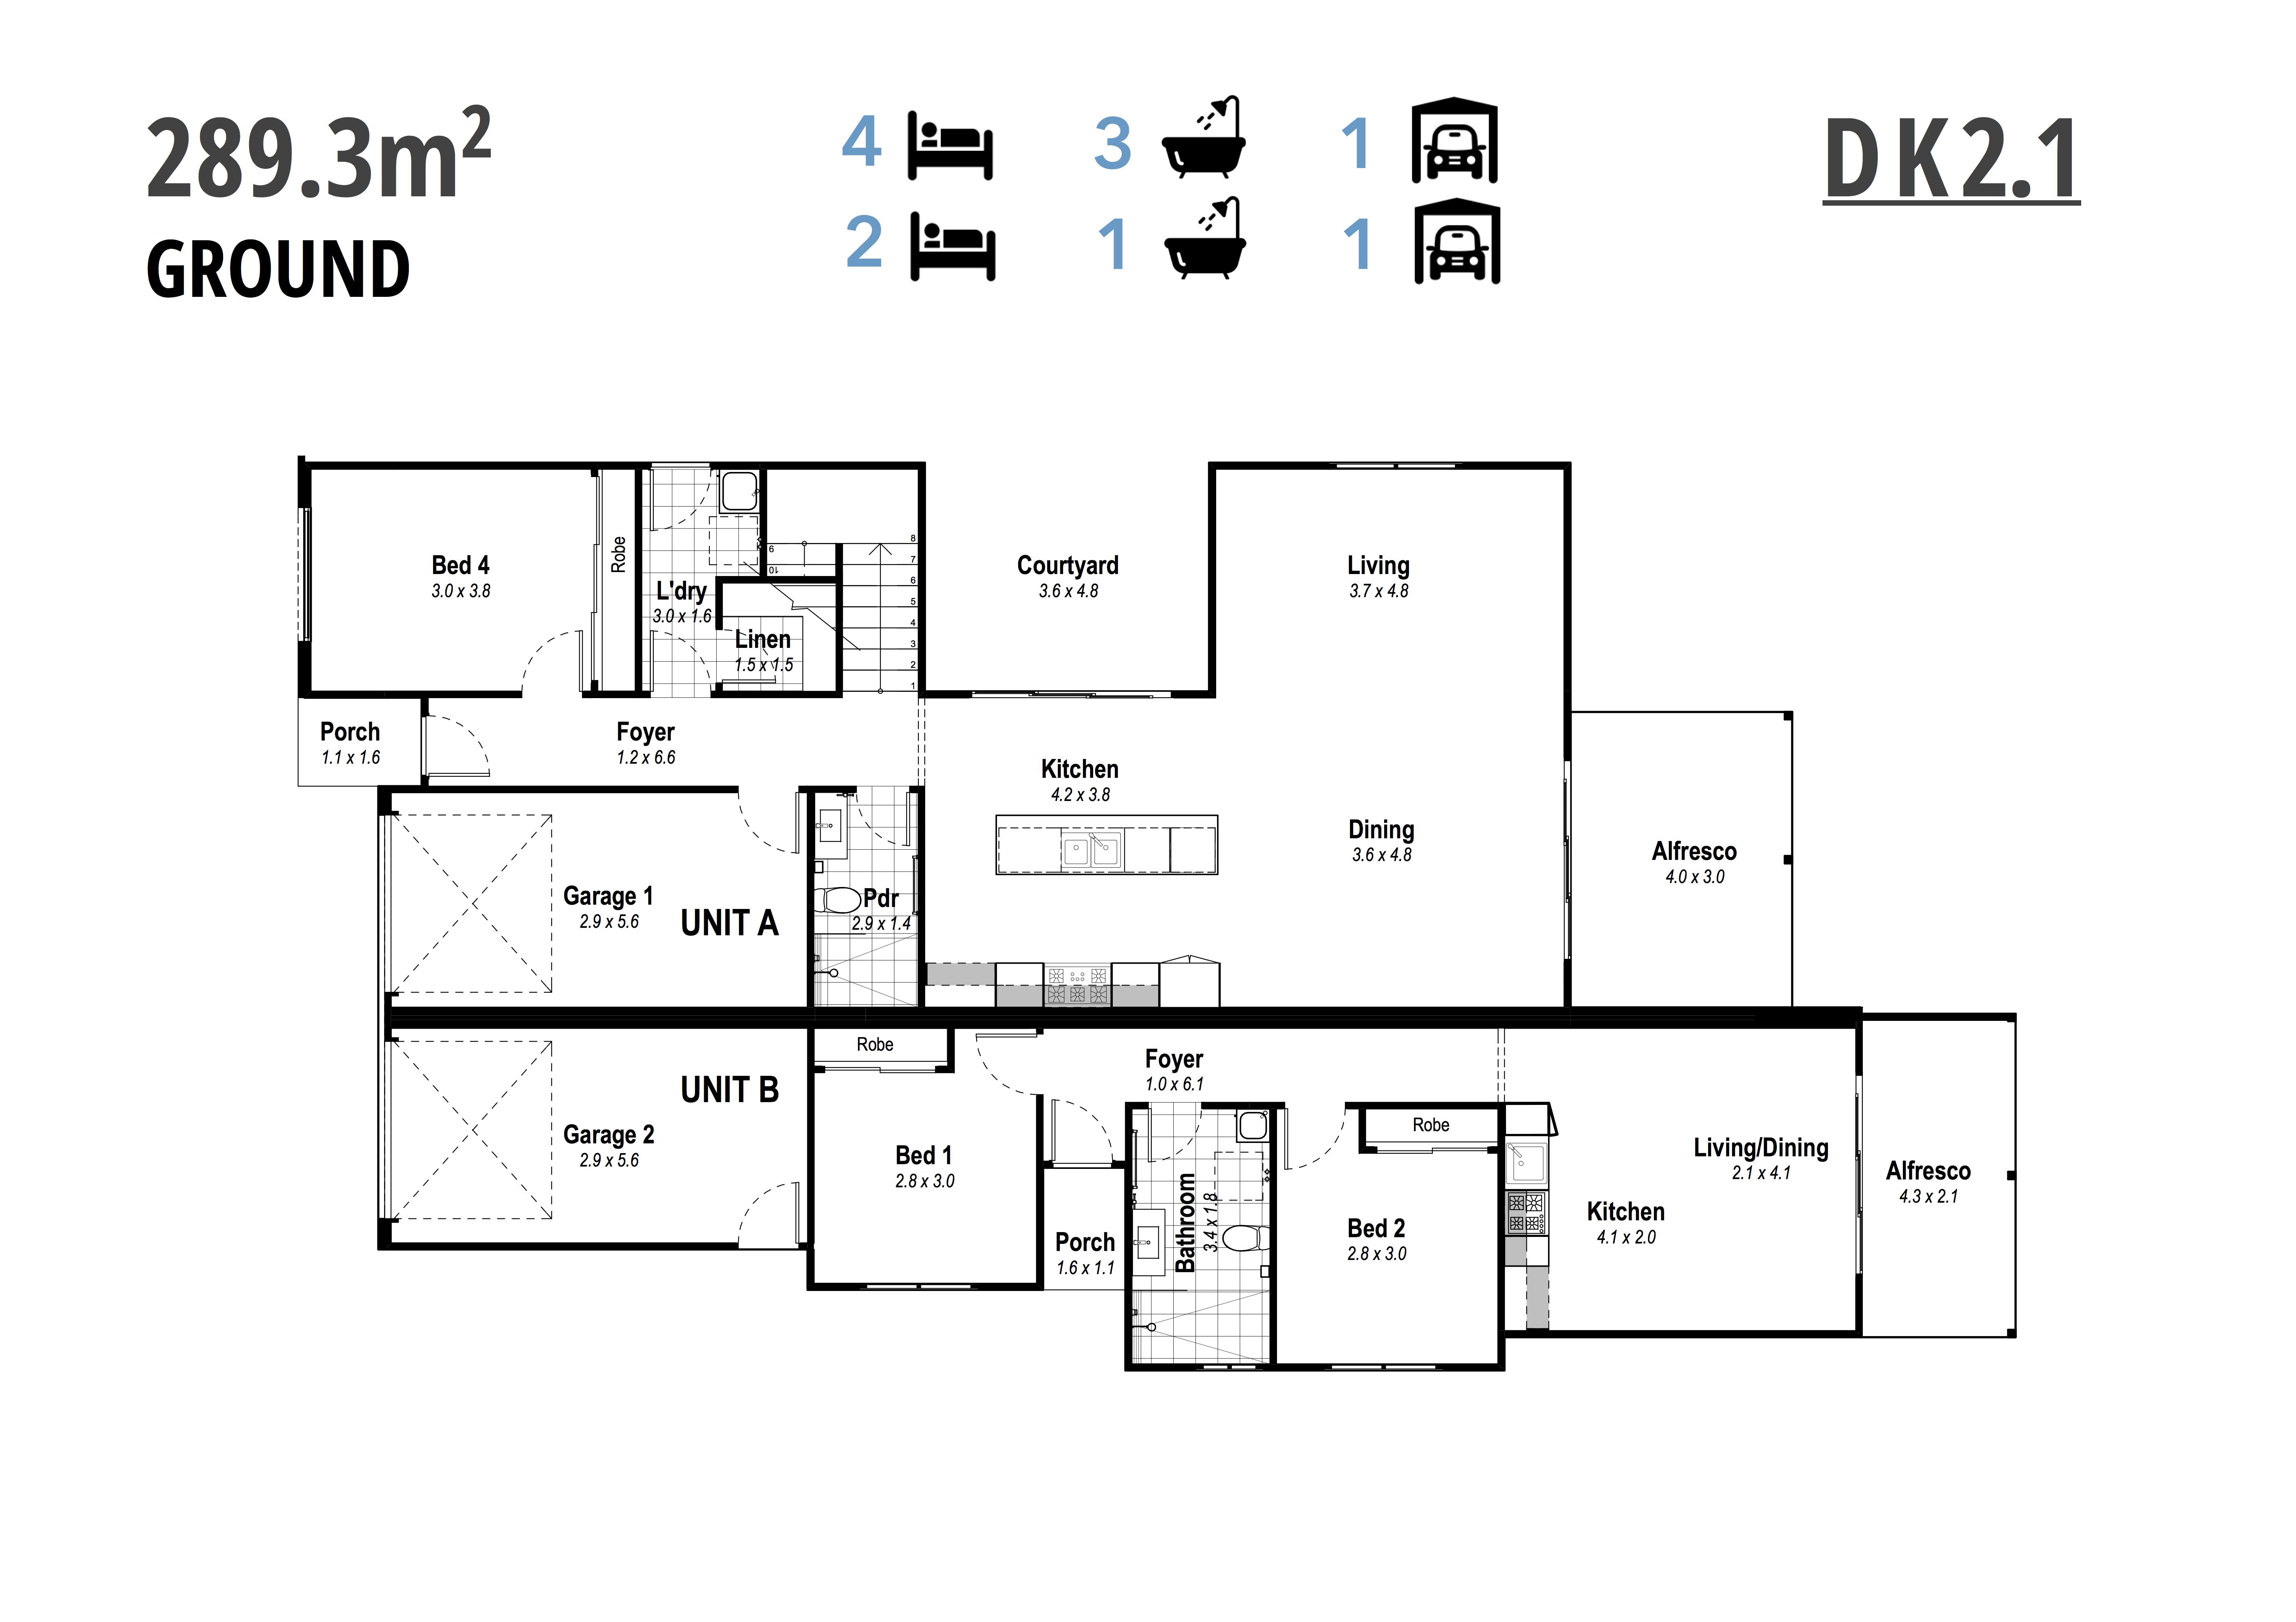 DK2.1 Ground